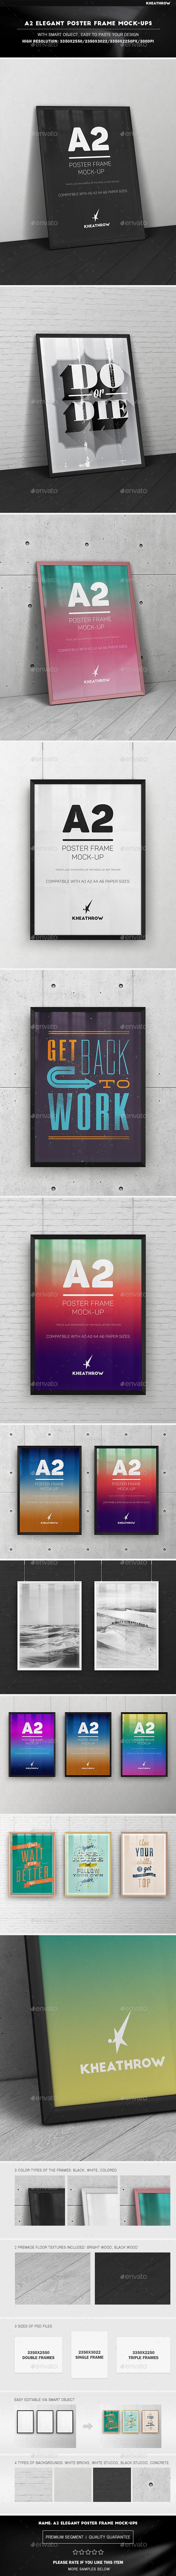 A2 Elegant Poster Frame Mock-Ups - Product Mock-Ups Graphics